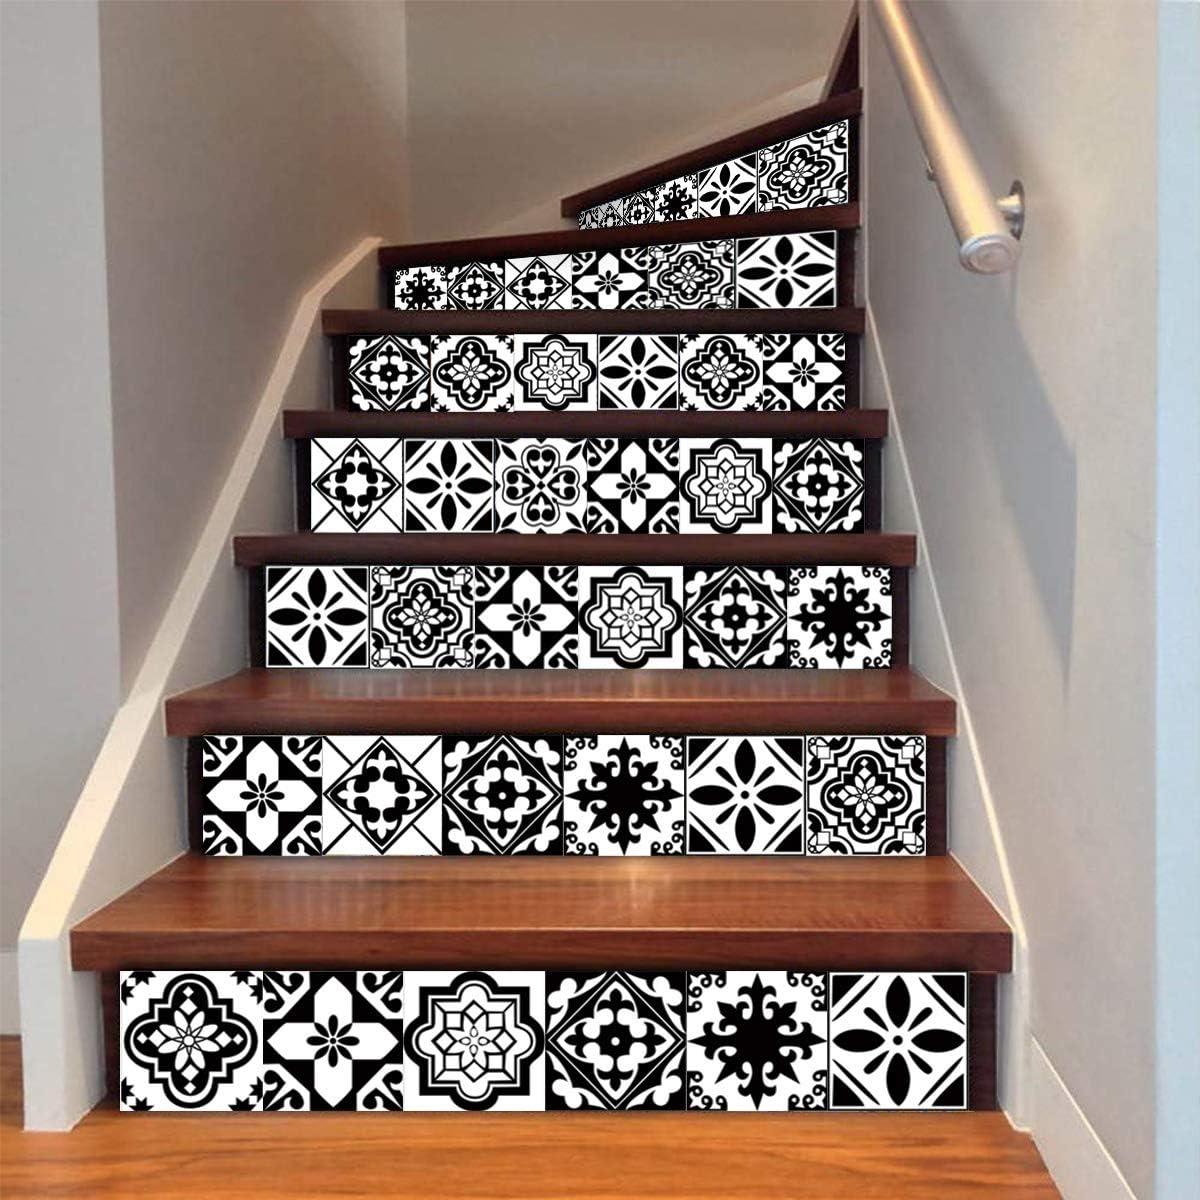 decalmile 10 Pi/èces Stickers Carrelage 15x15cm Classique Noir et Blanc Marocain Carrelage Adh/ésif Mural Cuisine Salle de Bain Carreaux de Ciment Mural D/écoration